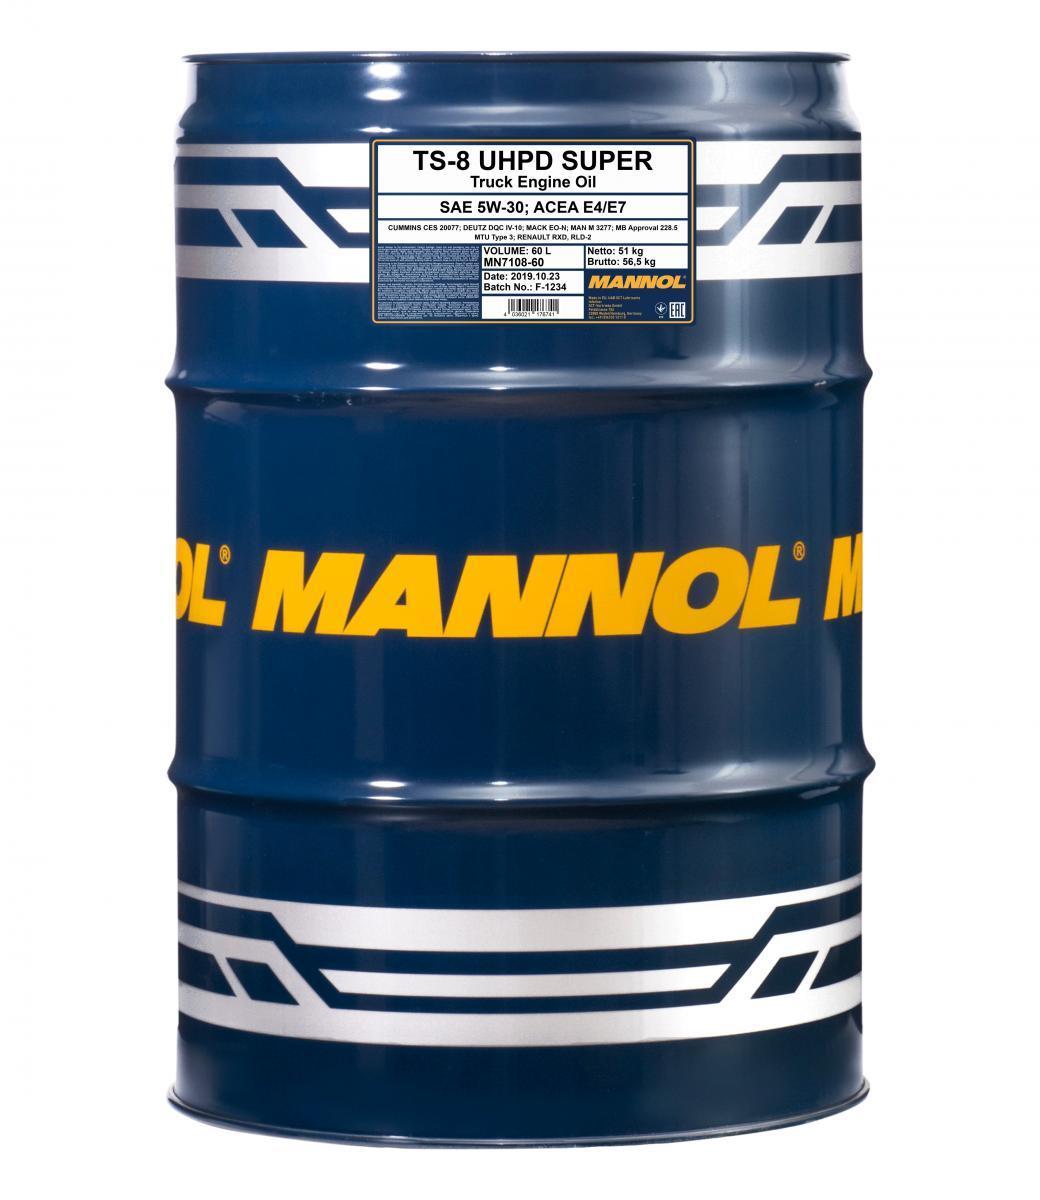 MN7108-60 MANNOL TS-8, UHPD Super 5W-30, 60l Motoröl MN7108-60 günstig kaufen